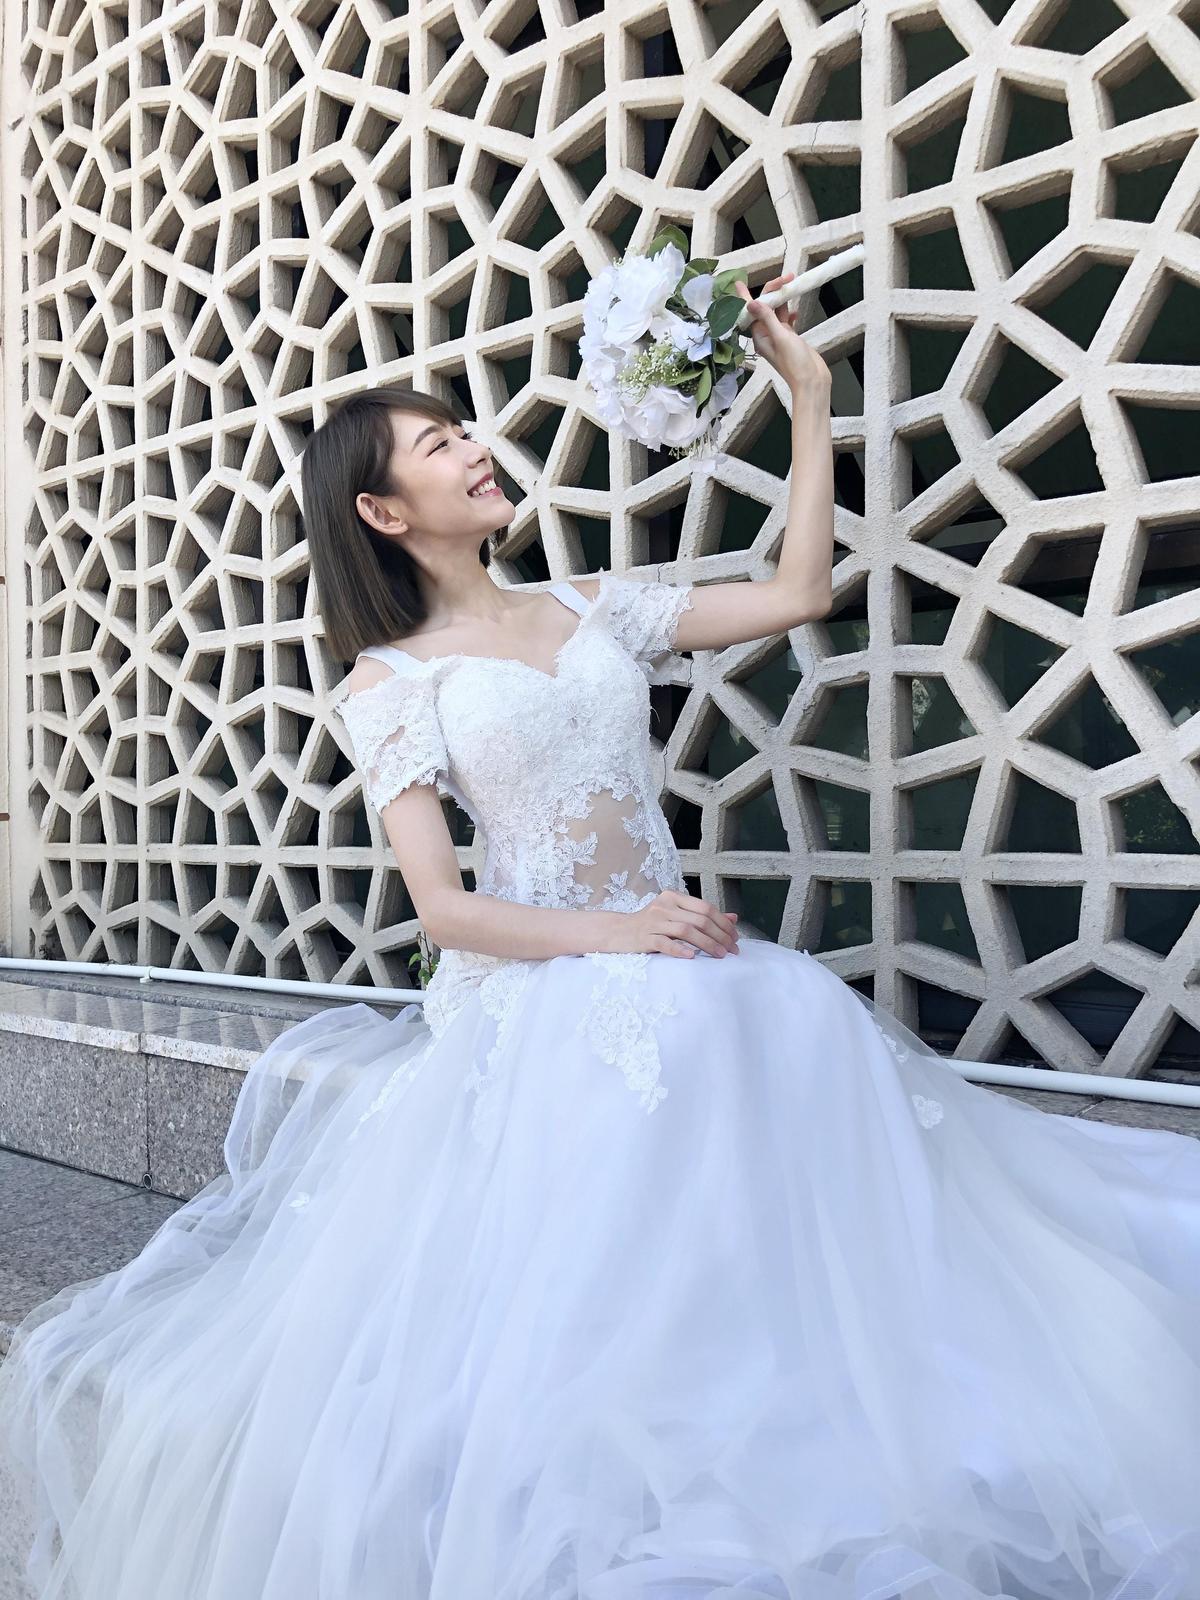 林明禎第一次挑選婚紗有一種莫名的幸福氛圍。(種子音樂提供)